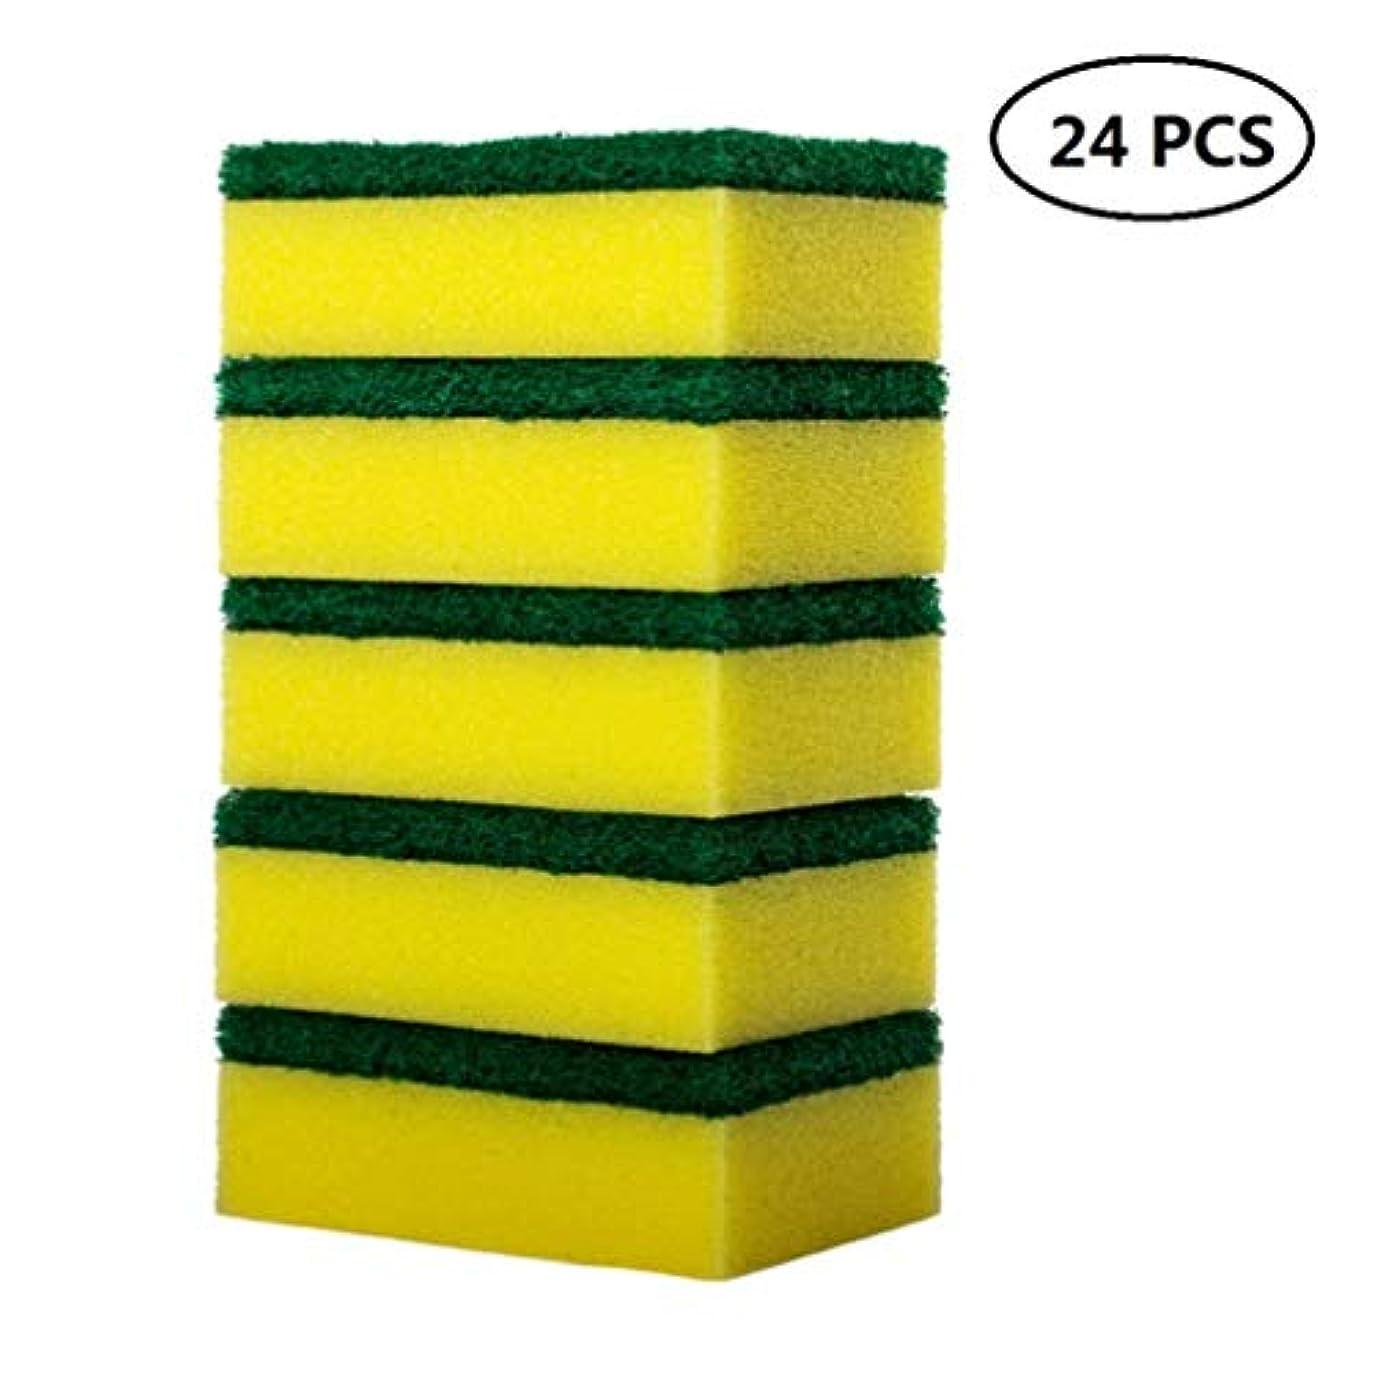 取得するめ言葉モットーBESTONZON 24ピーススポンジ精練パッド食器洗いスポンジキッチンクリーニングナノコットン洗浄ポットブラシ(黄色+緑)